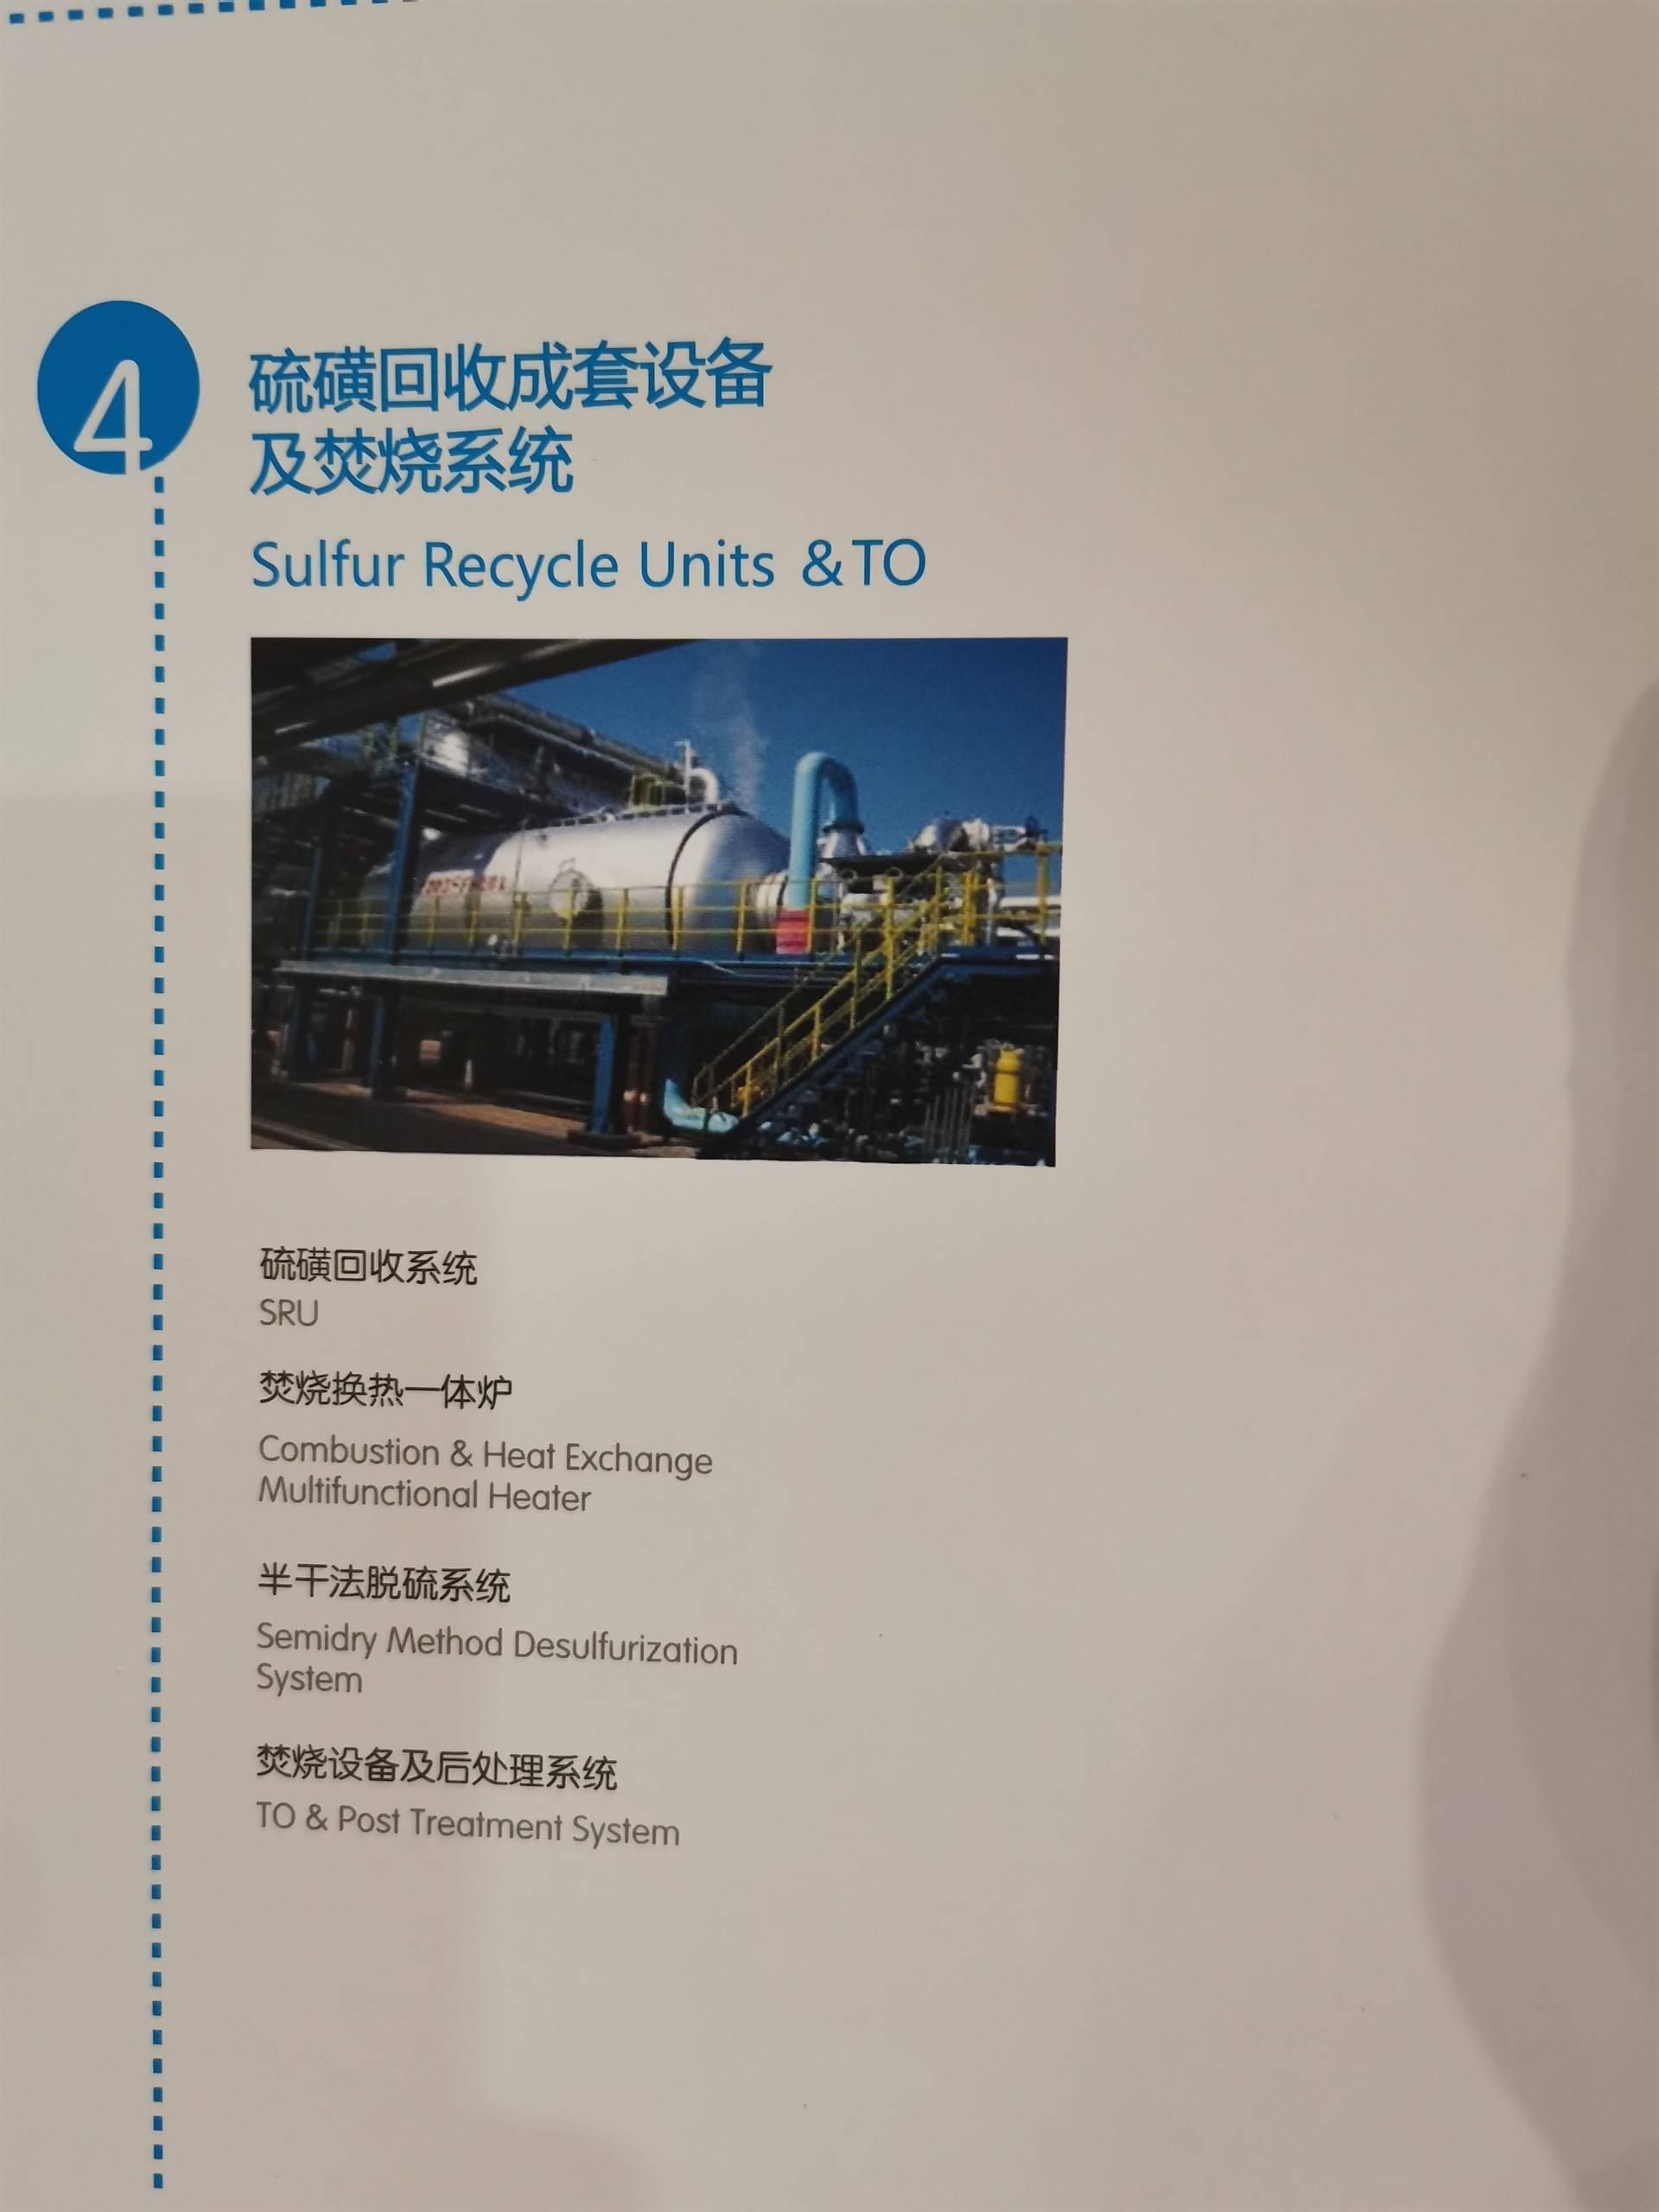 硫磺回收装置